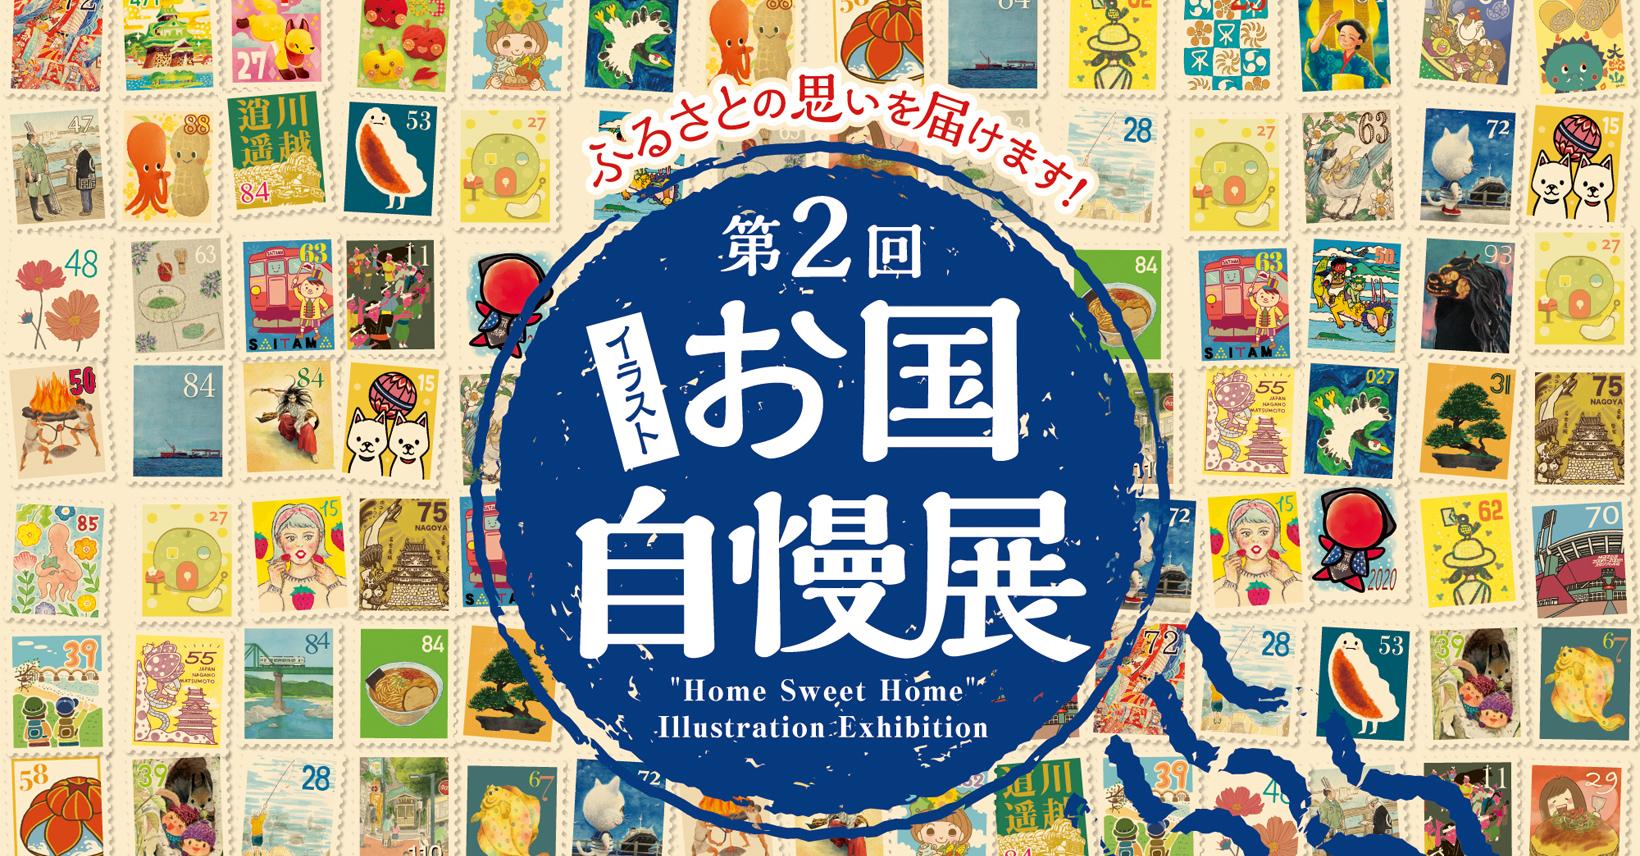 第2回イラストお国自慢展 作品紹介サイト